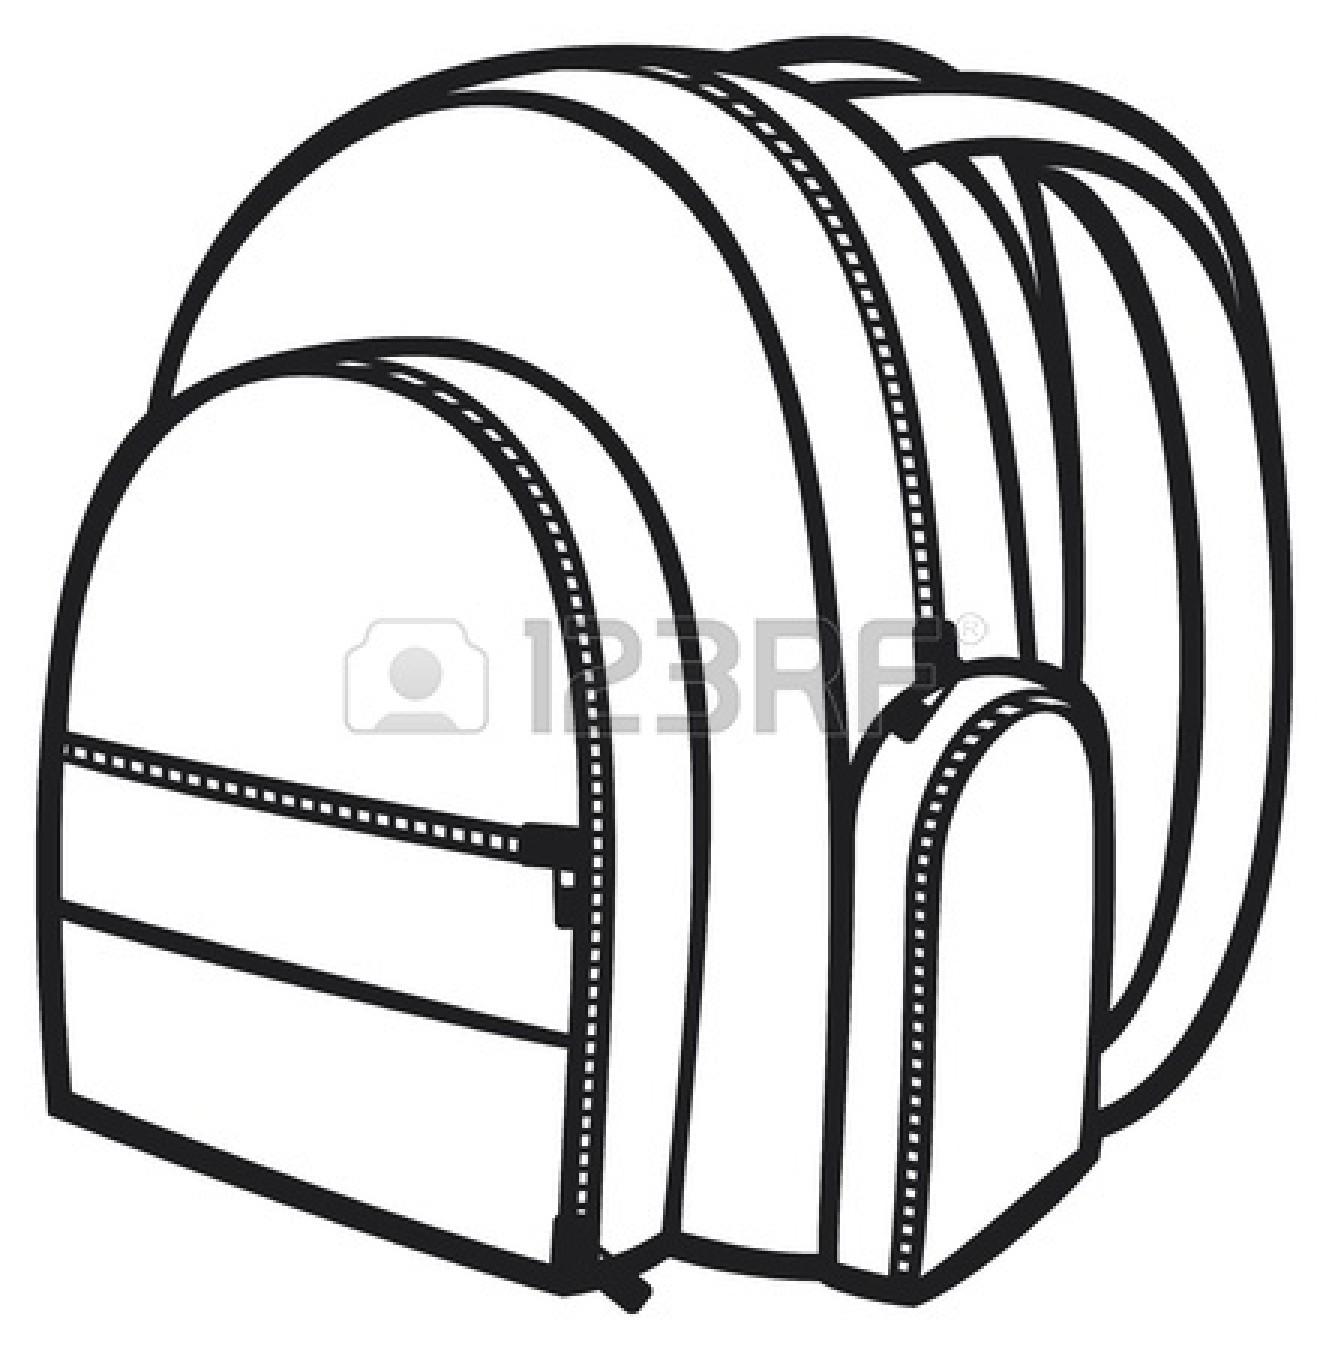 Purse clipart black suitcase Clipart Suitcase 20clipart 20clipart Tiny